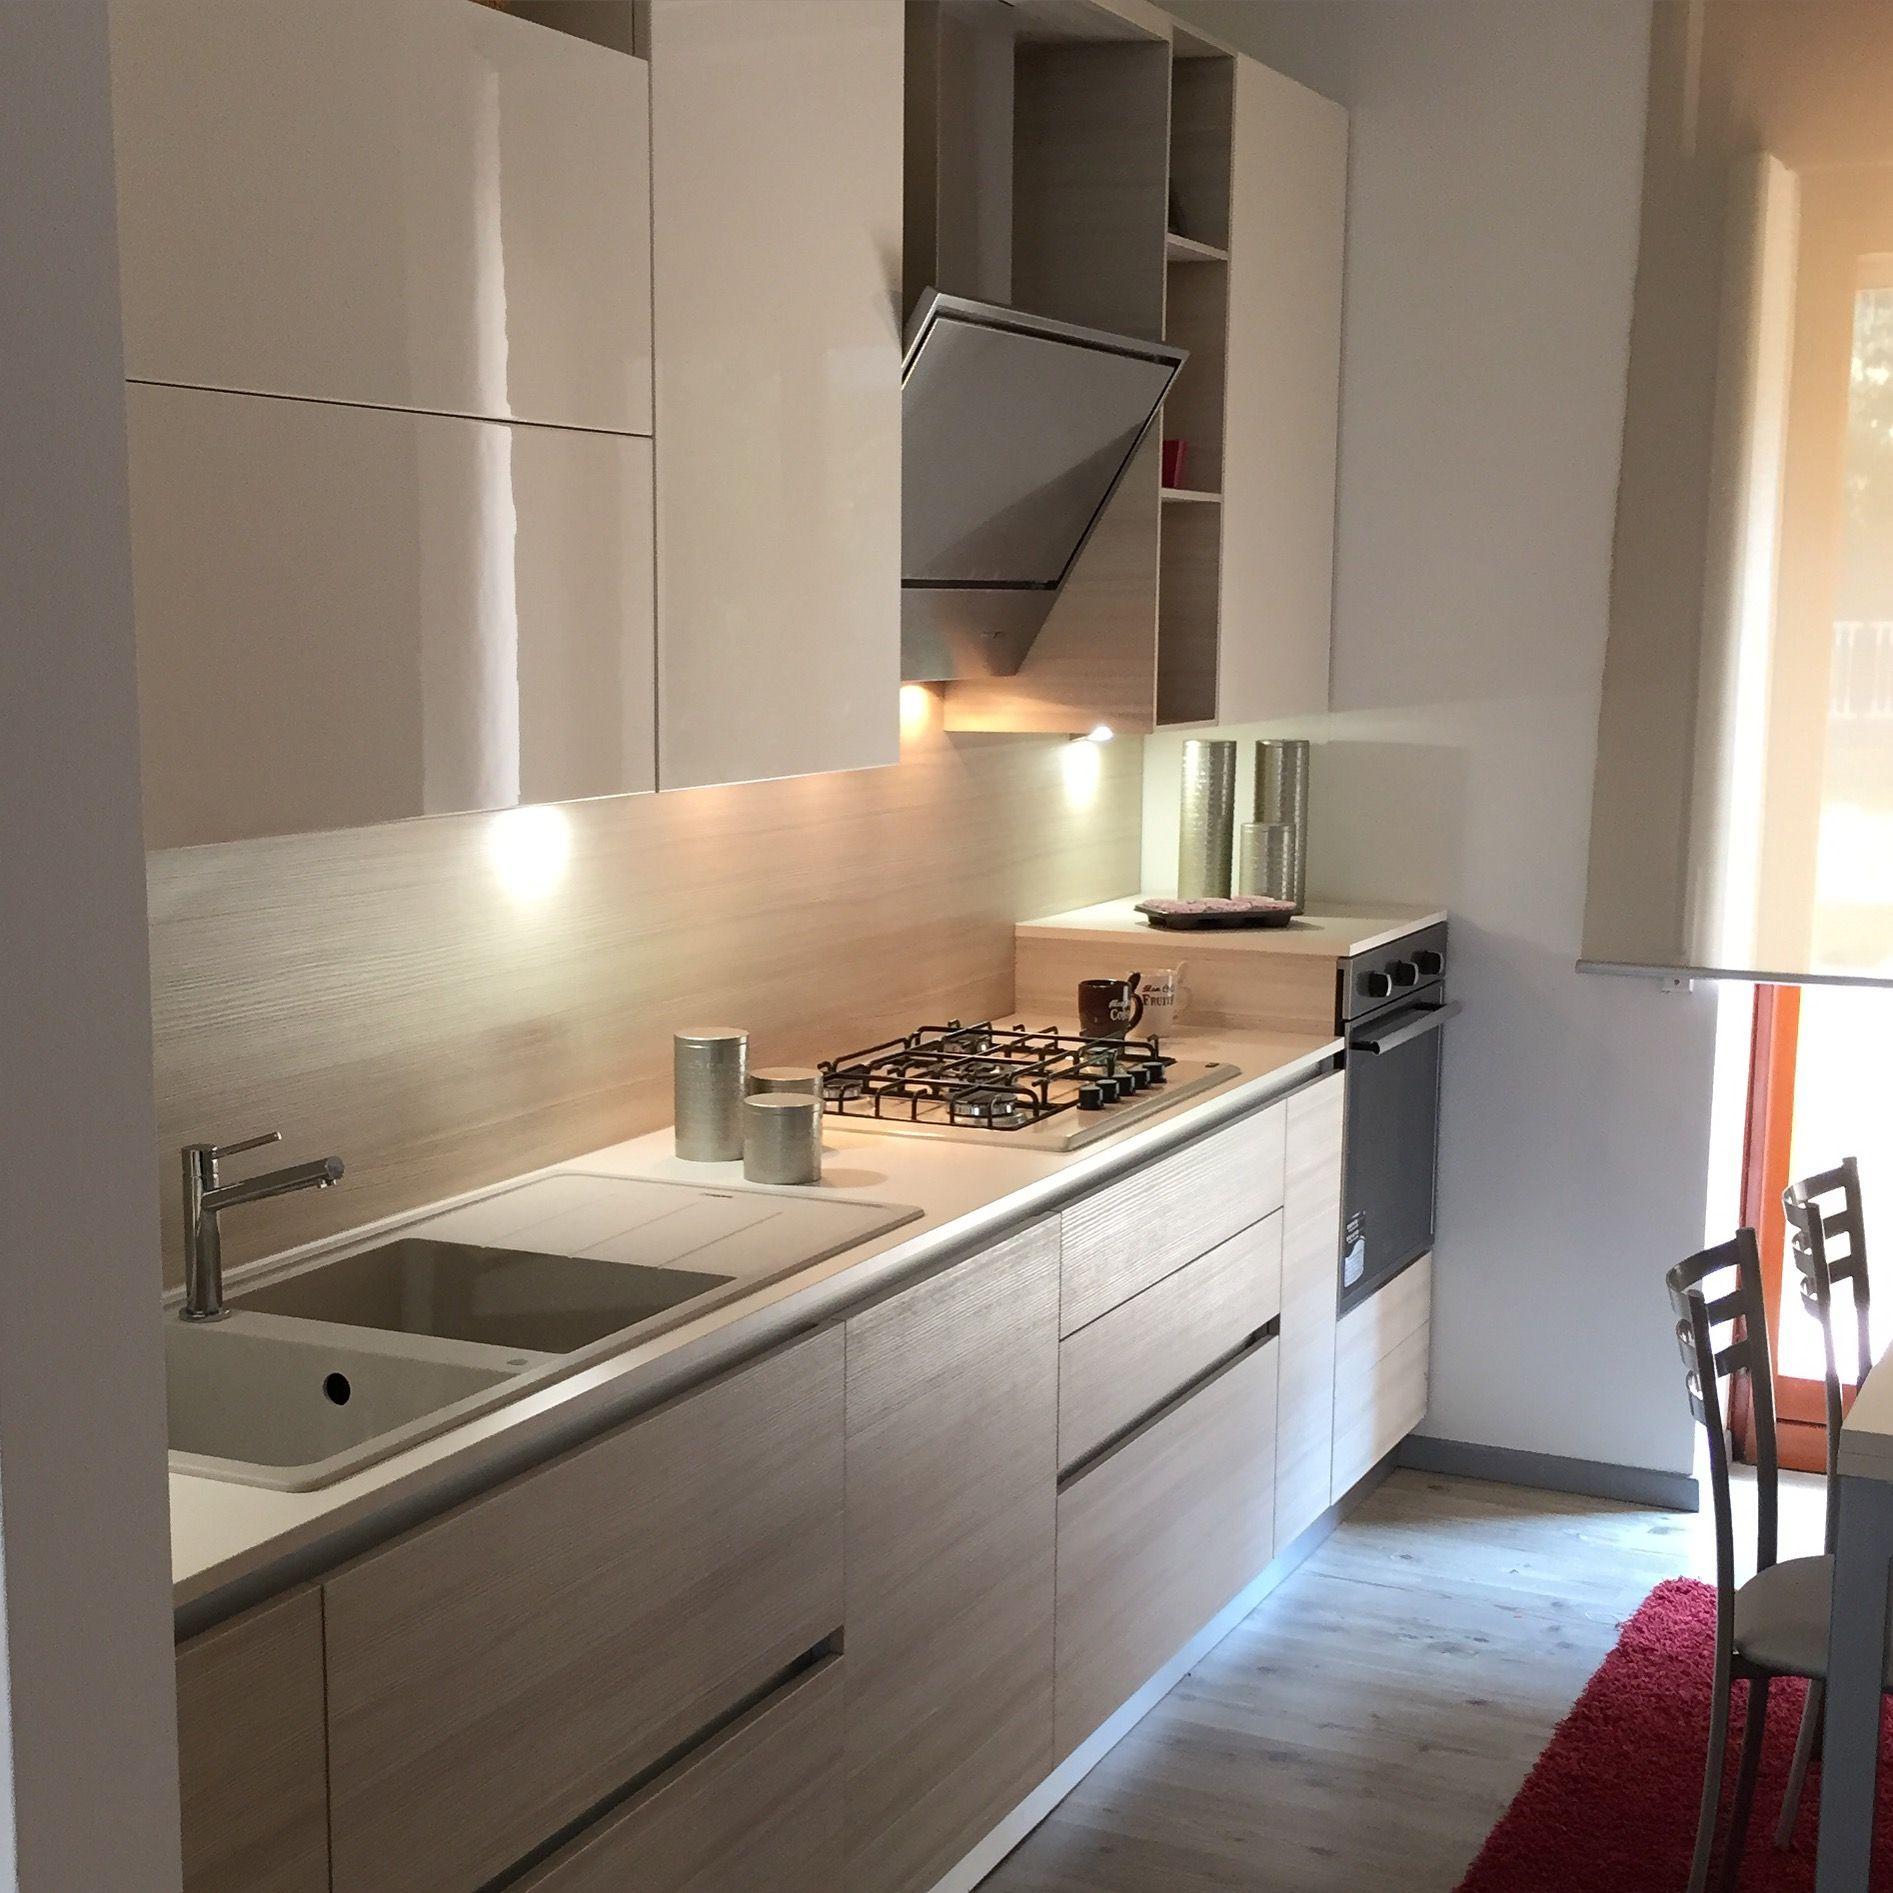 Cucina Scavolini modello Liberamente anta decorativo